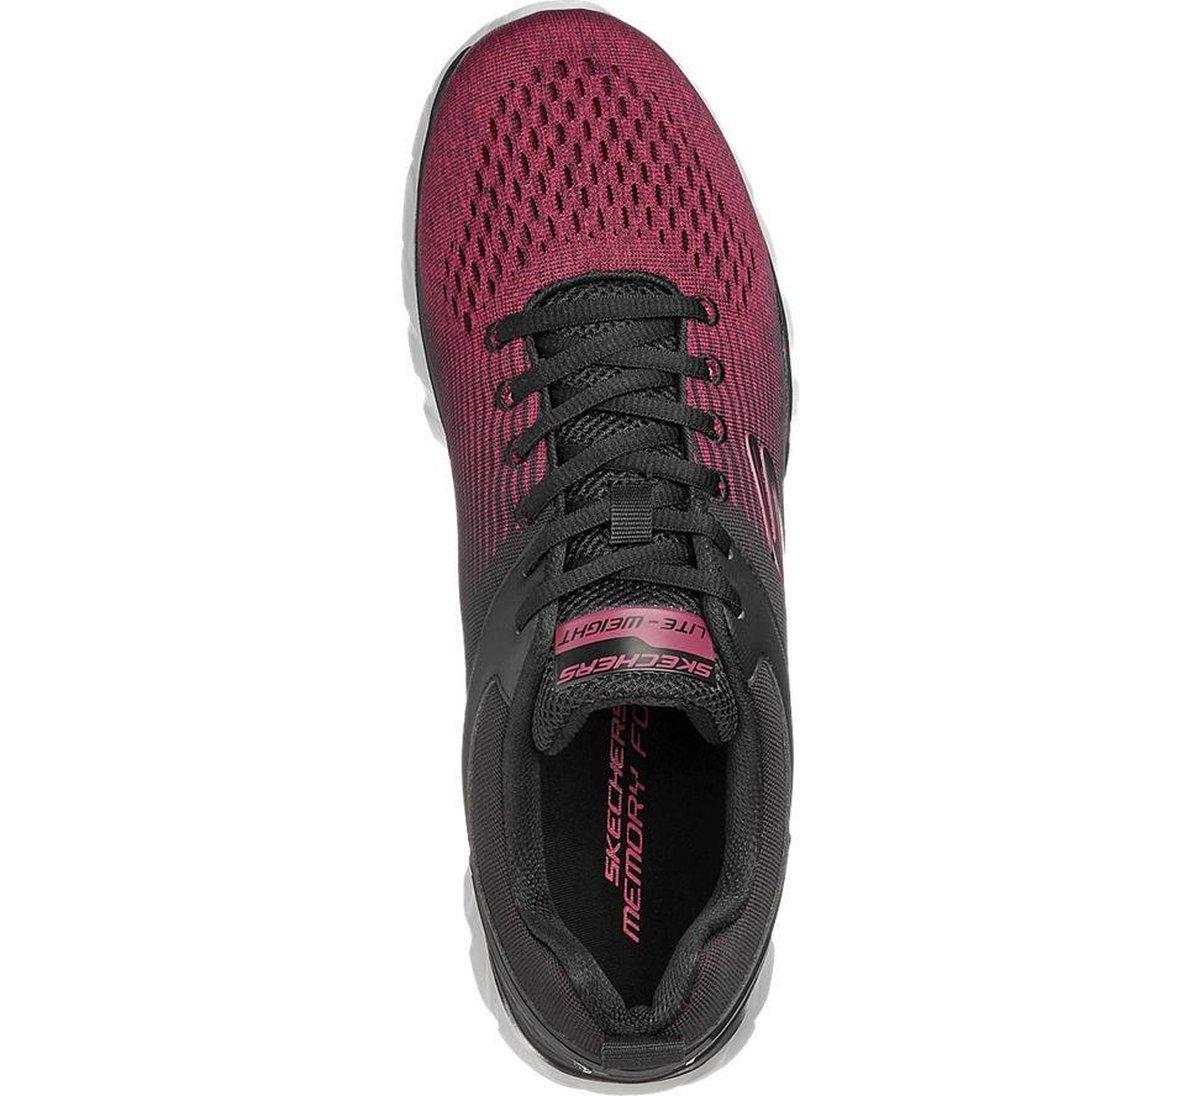 Skechers Heren Zwart/rode sneaker vetersluiting - Maat 44 JhDCU